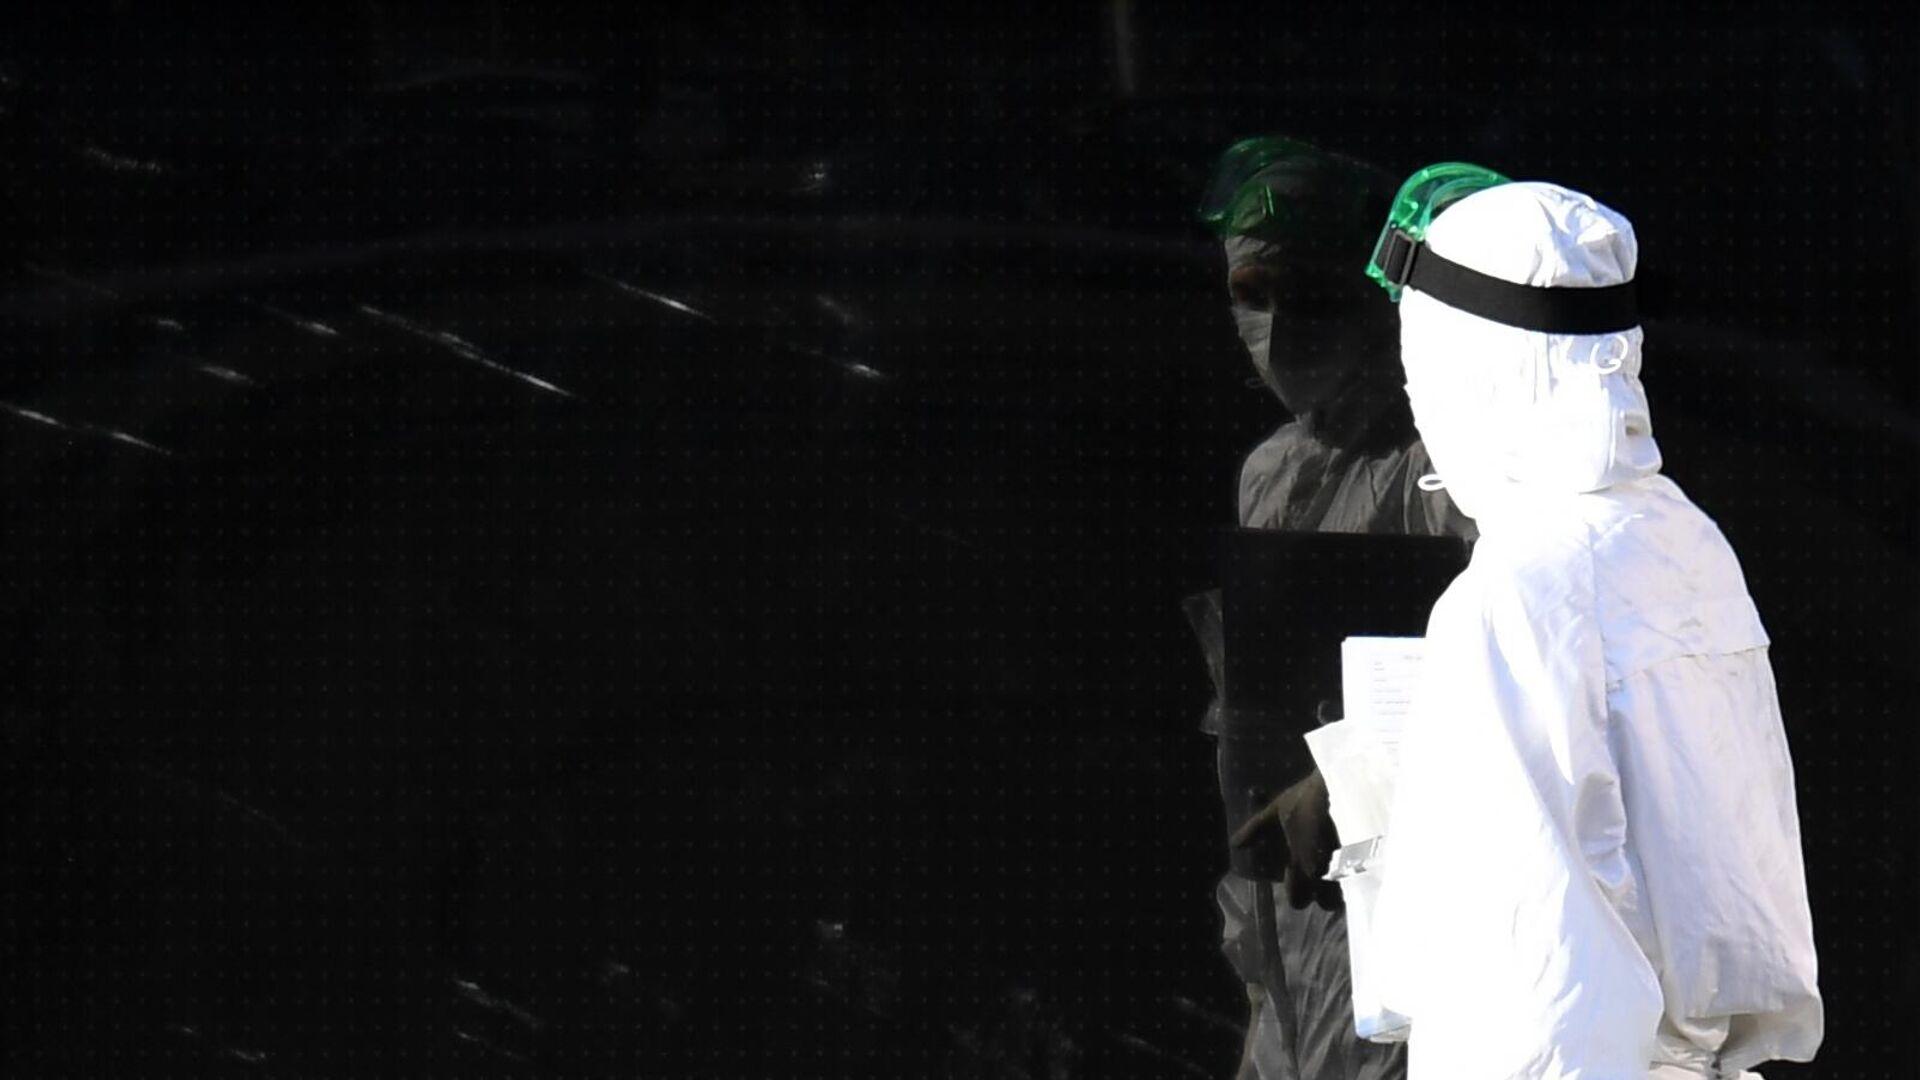 Медицинский работник на территории Республиканской клинической инфекционной больницы в Казани - РИА Новости, 1920, 28.10.2020